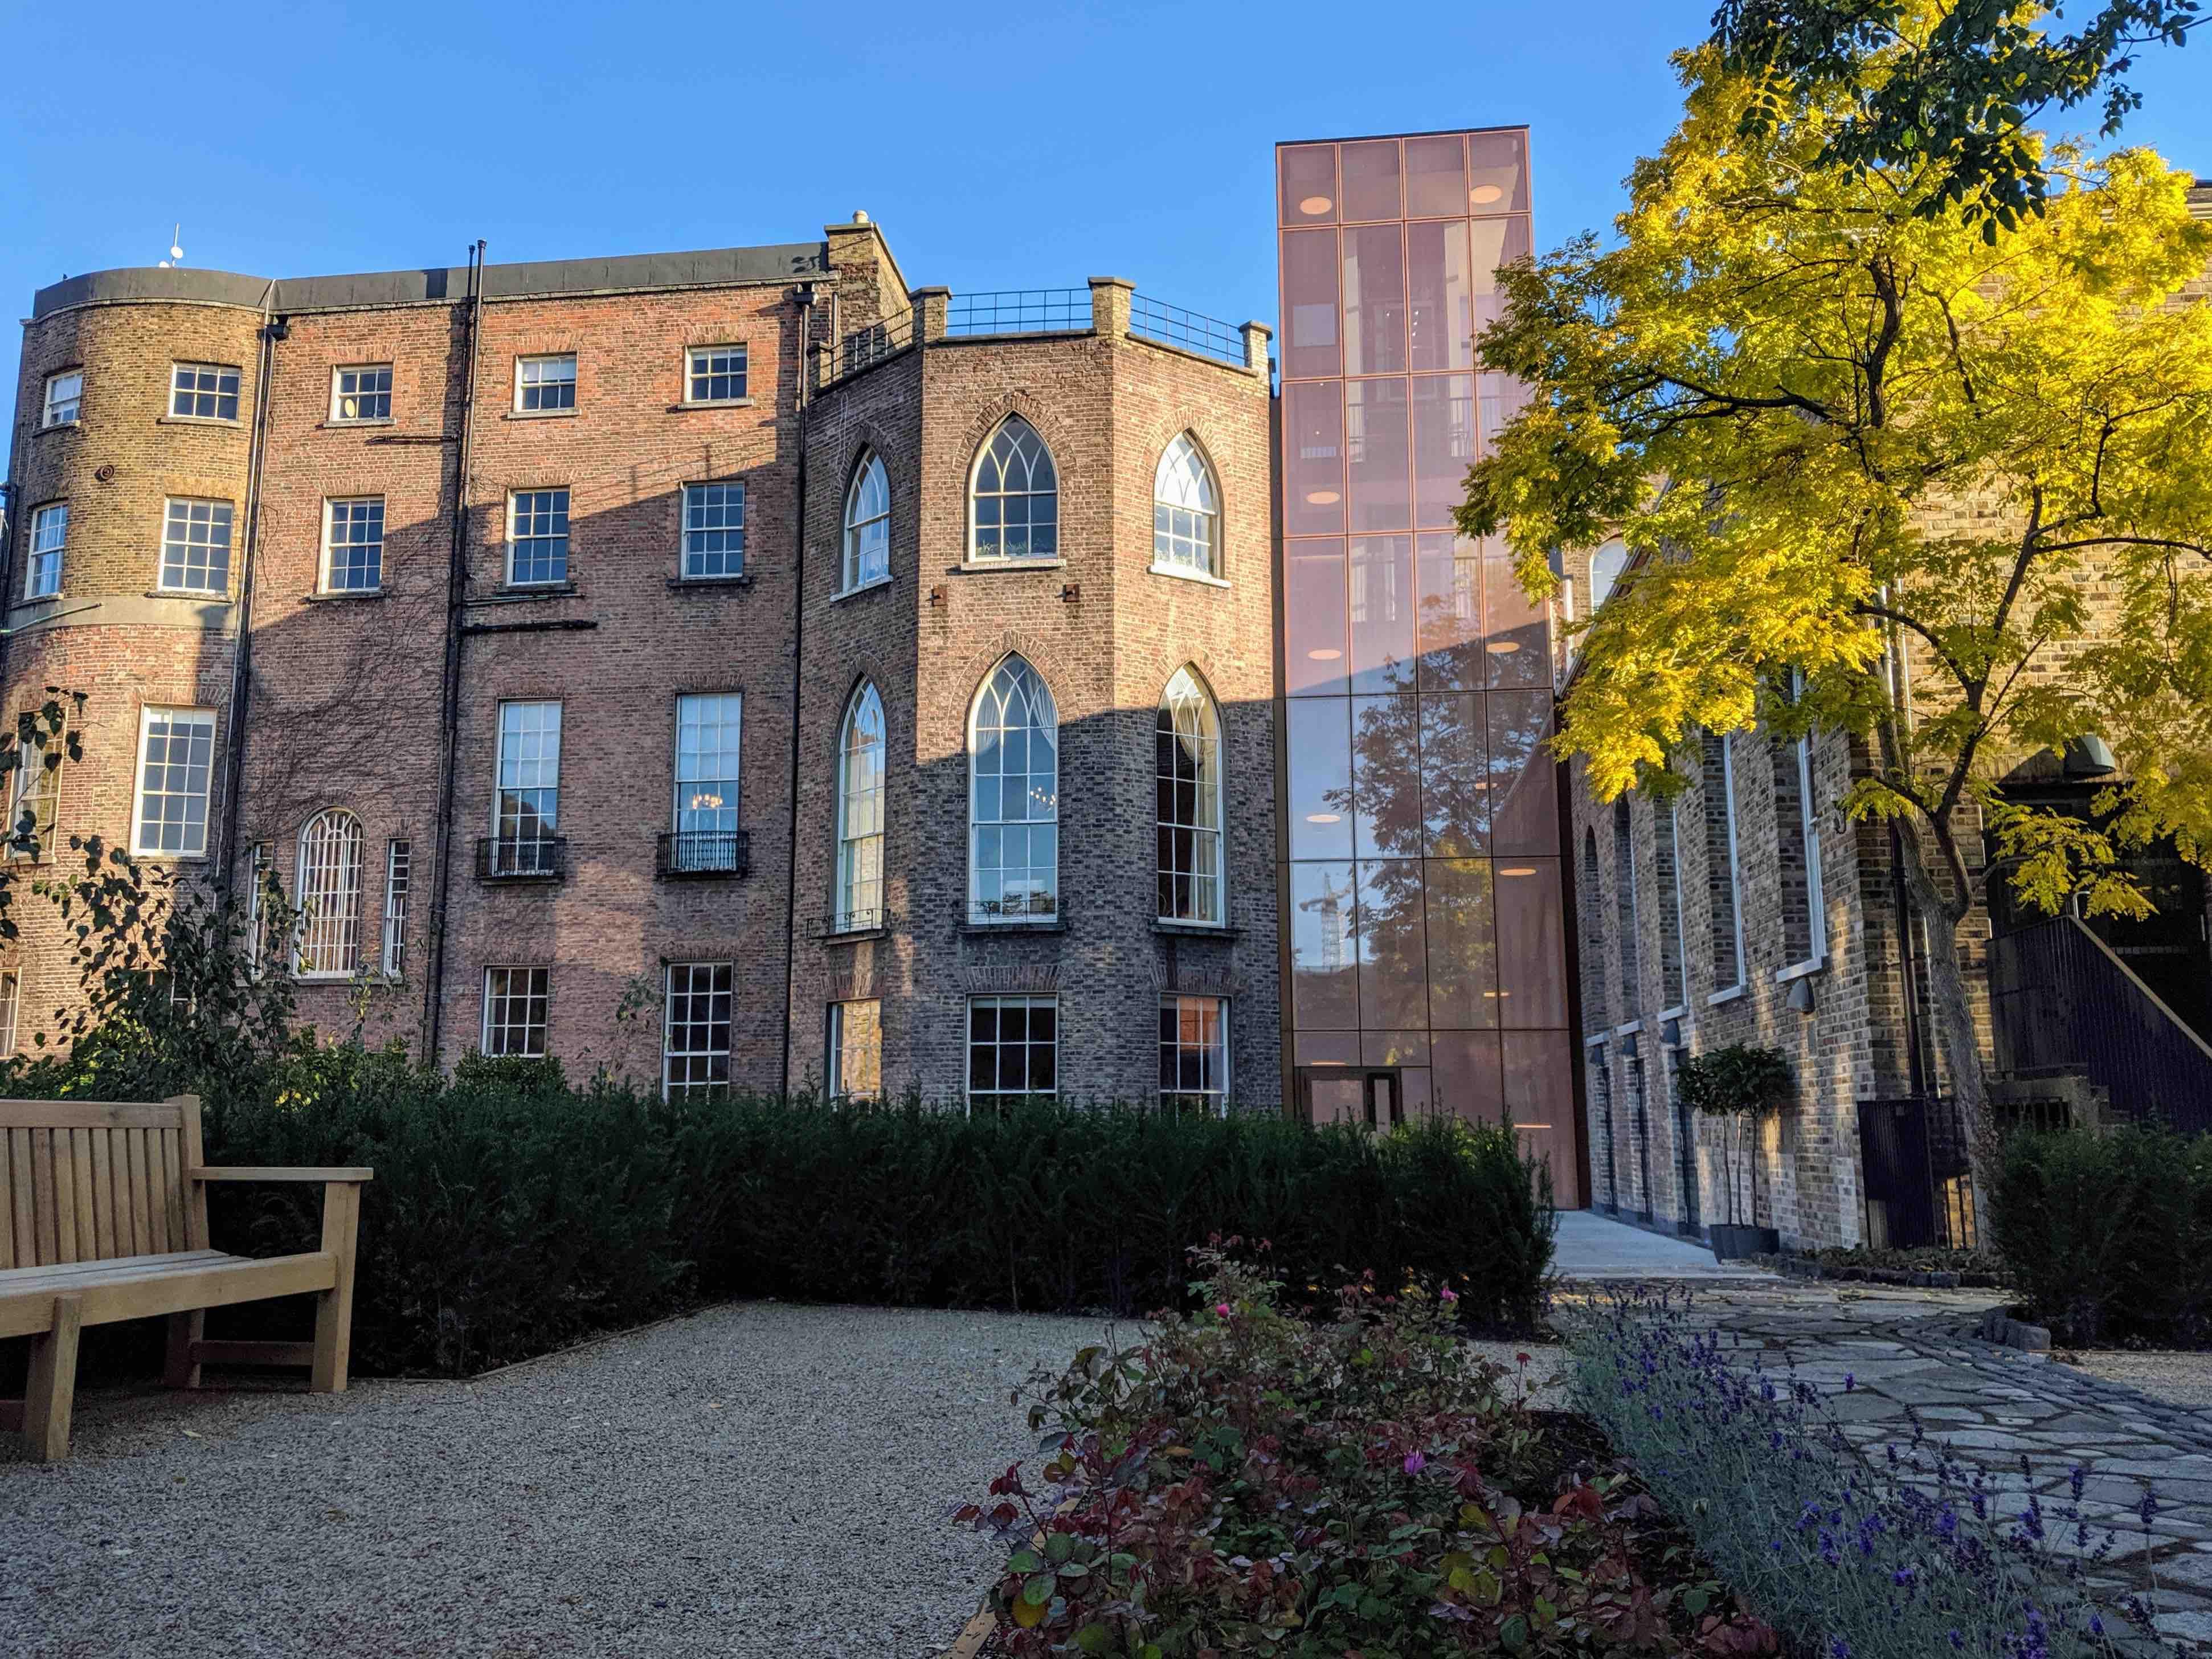 Literature museum Dublin